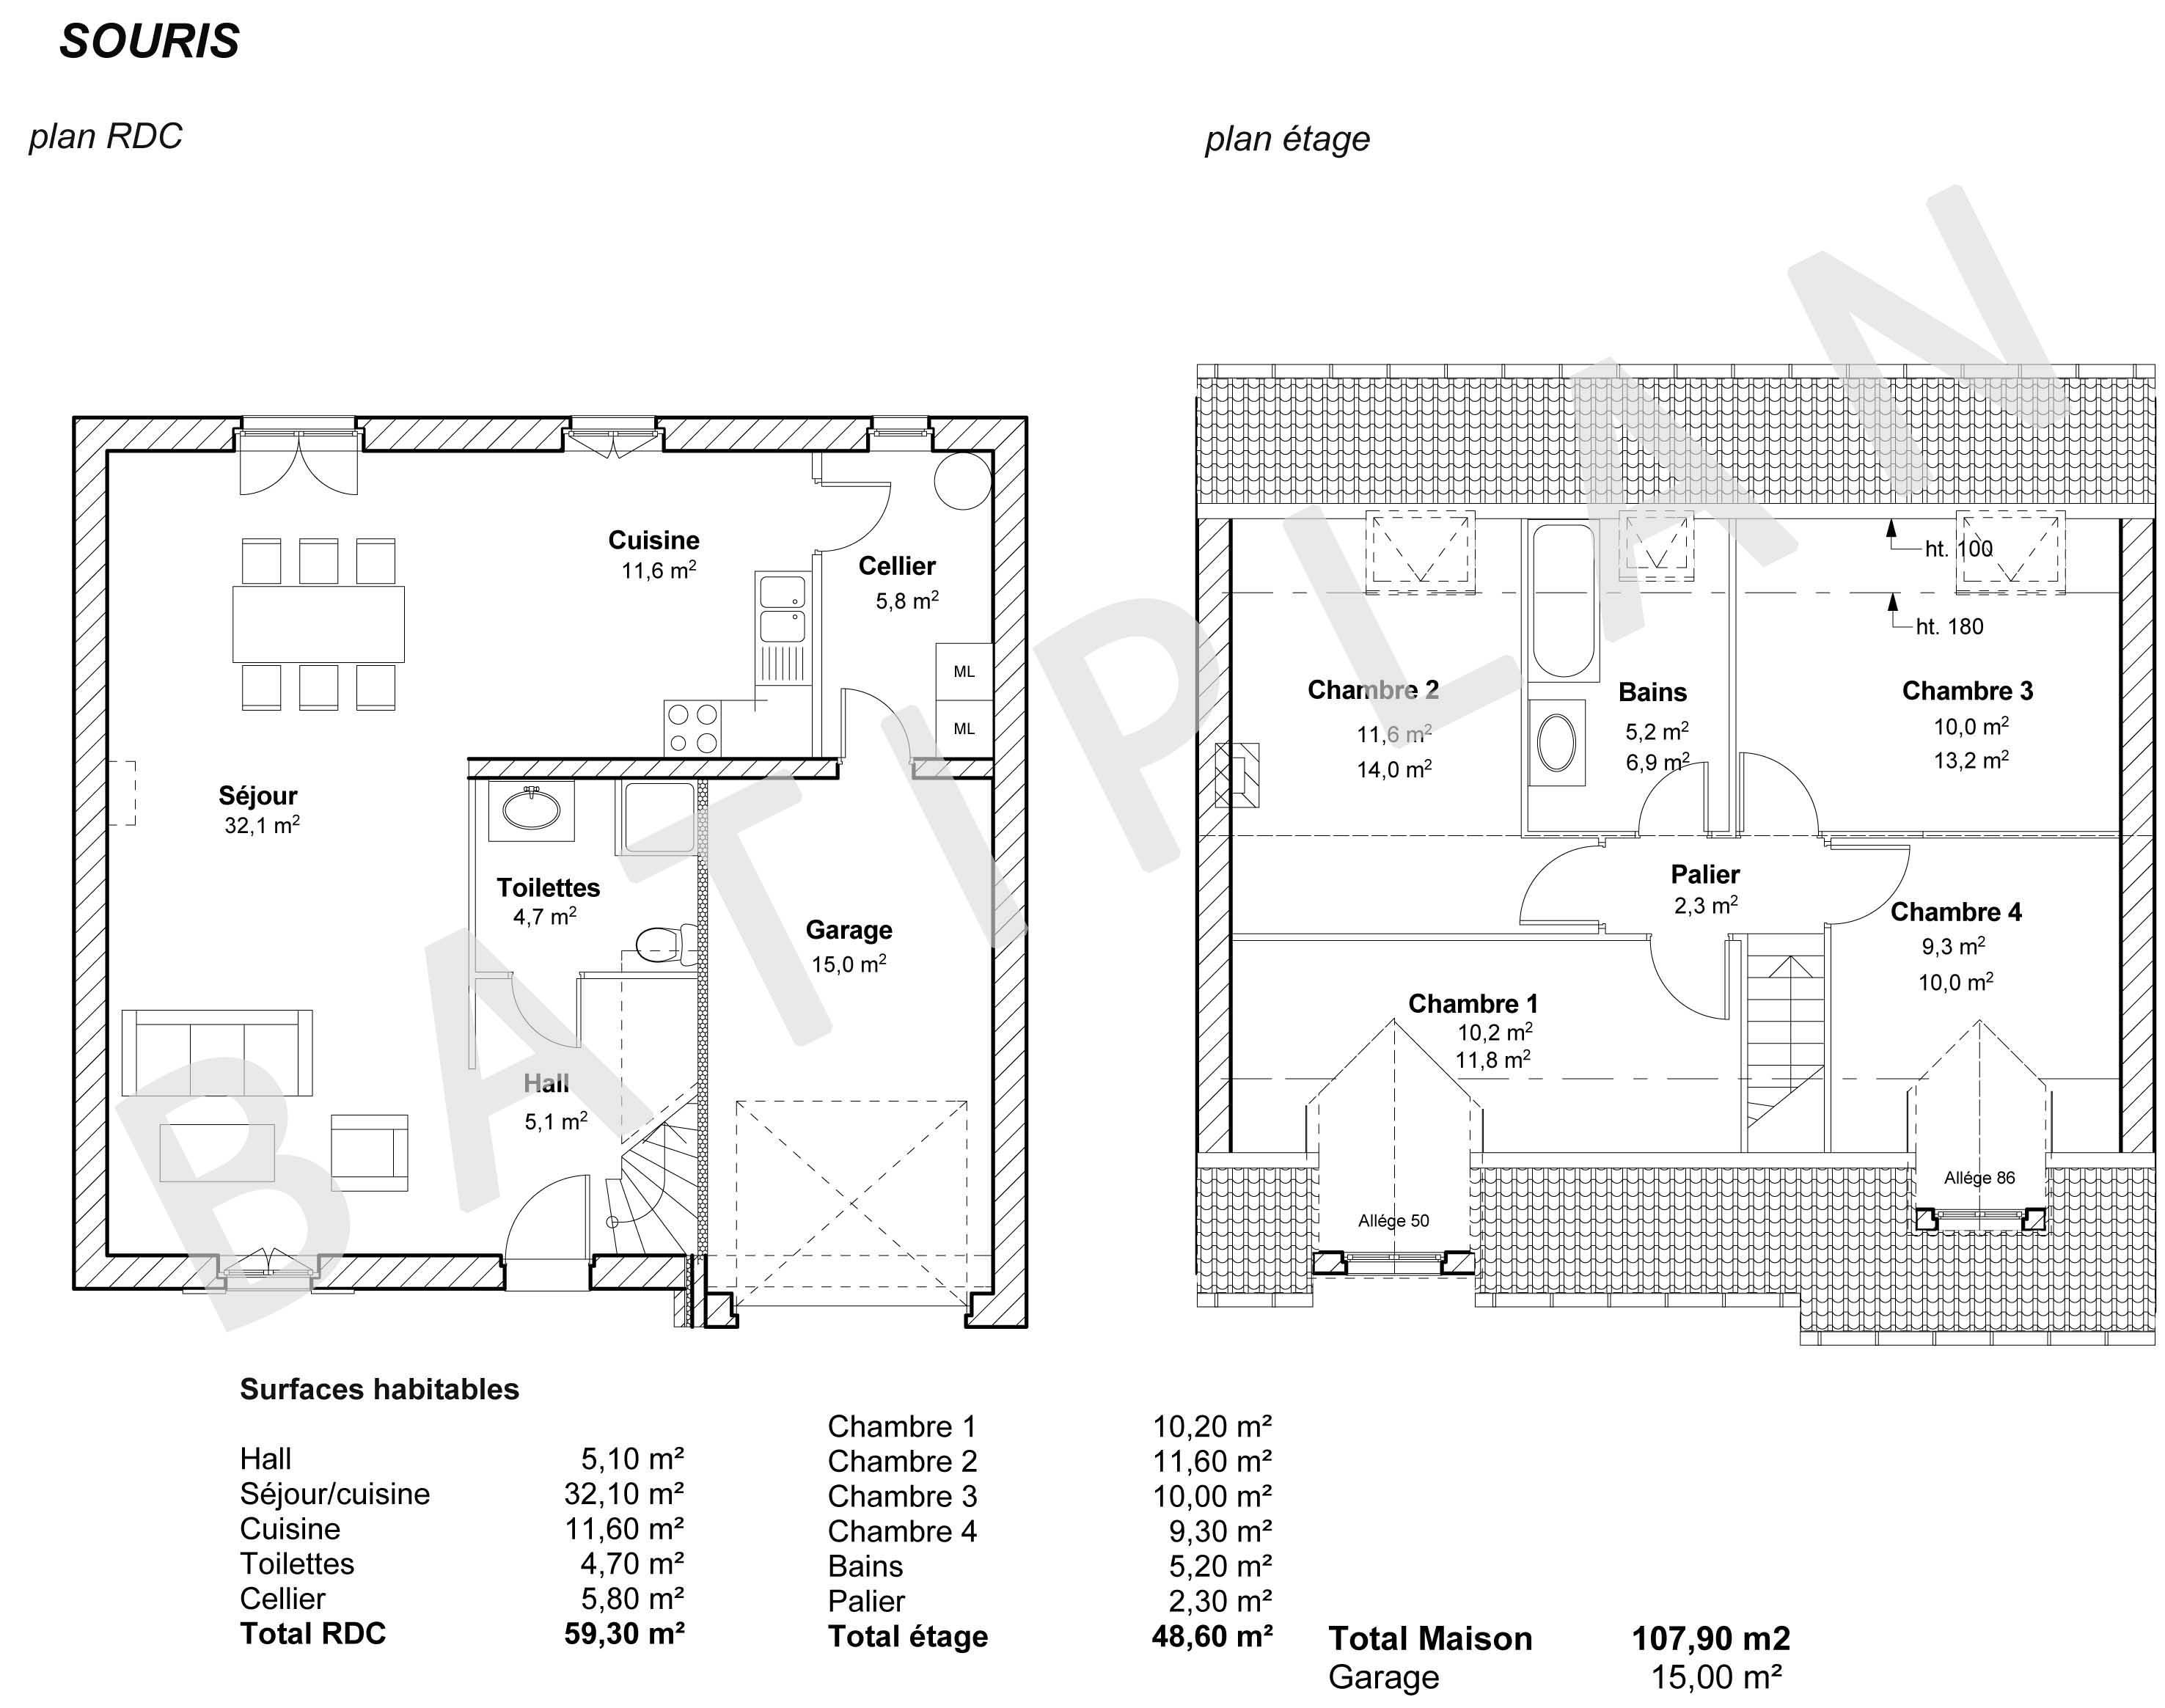 Plans et permis de construire notre plan de maison souris for Maison a construire plan